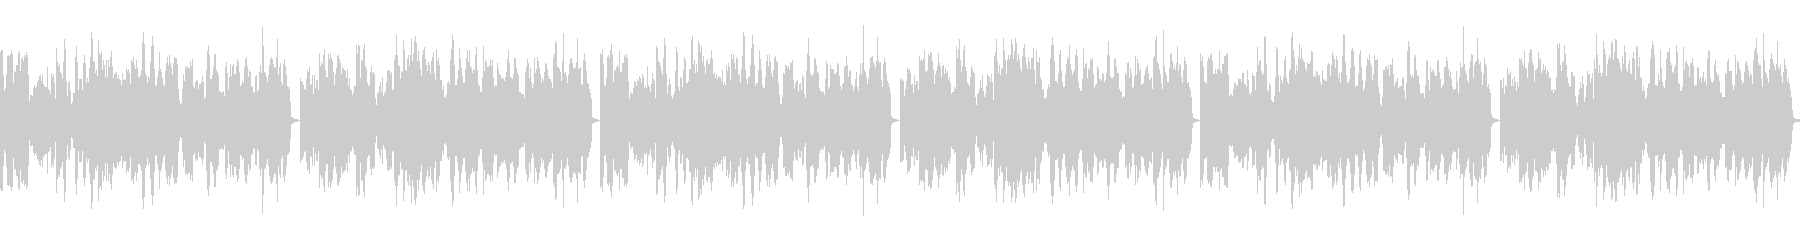 アイネクライネナハトムジークのループ仕様の未再生の波形